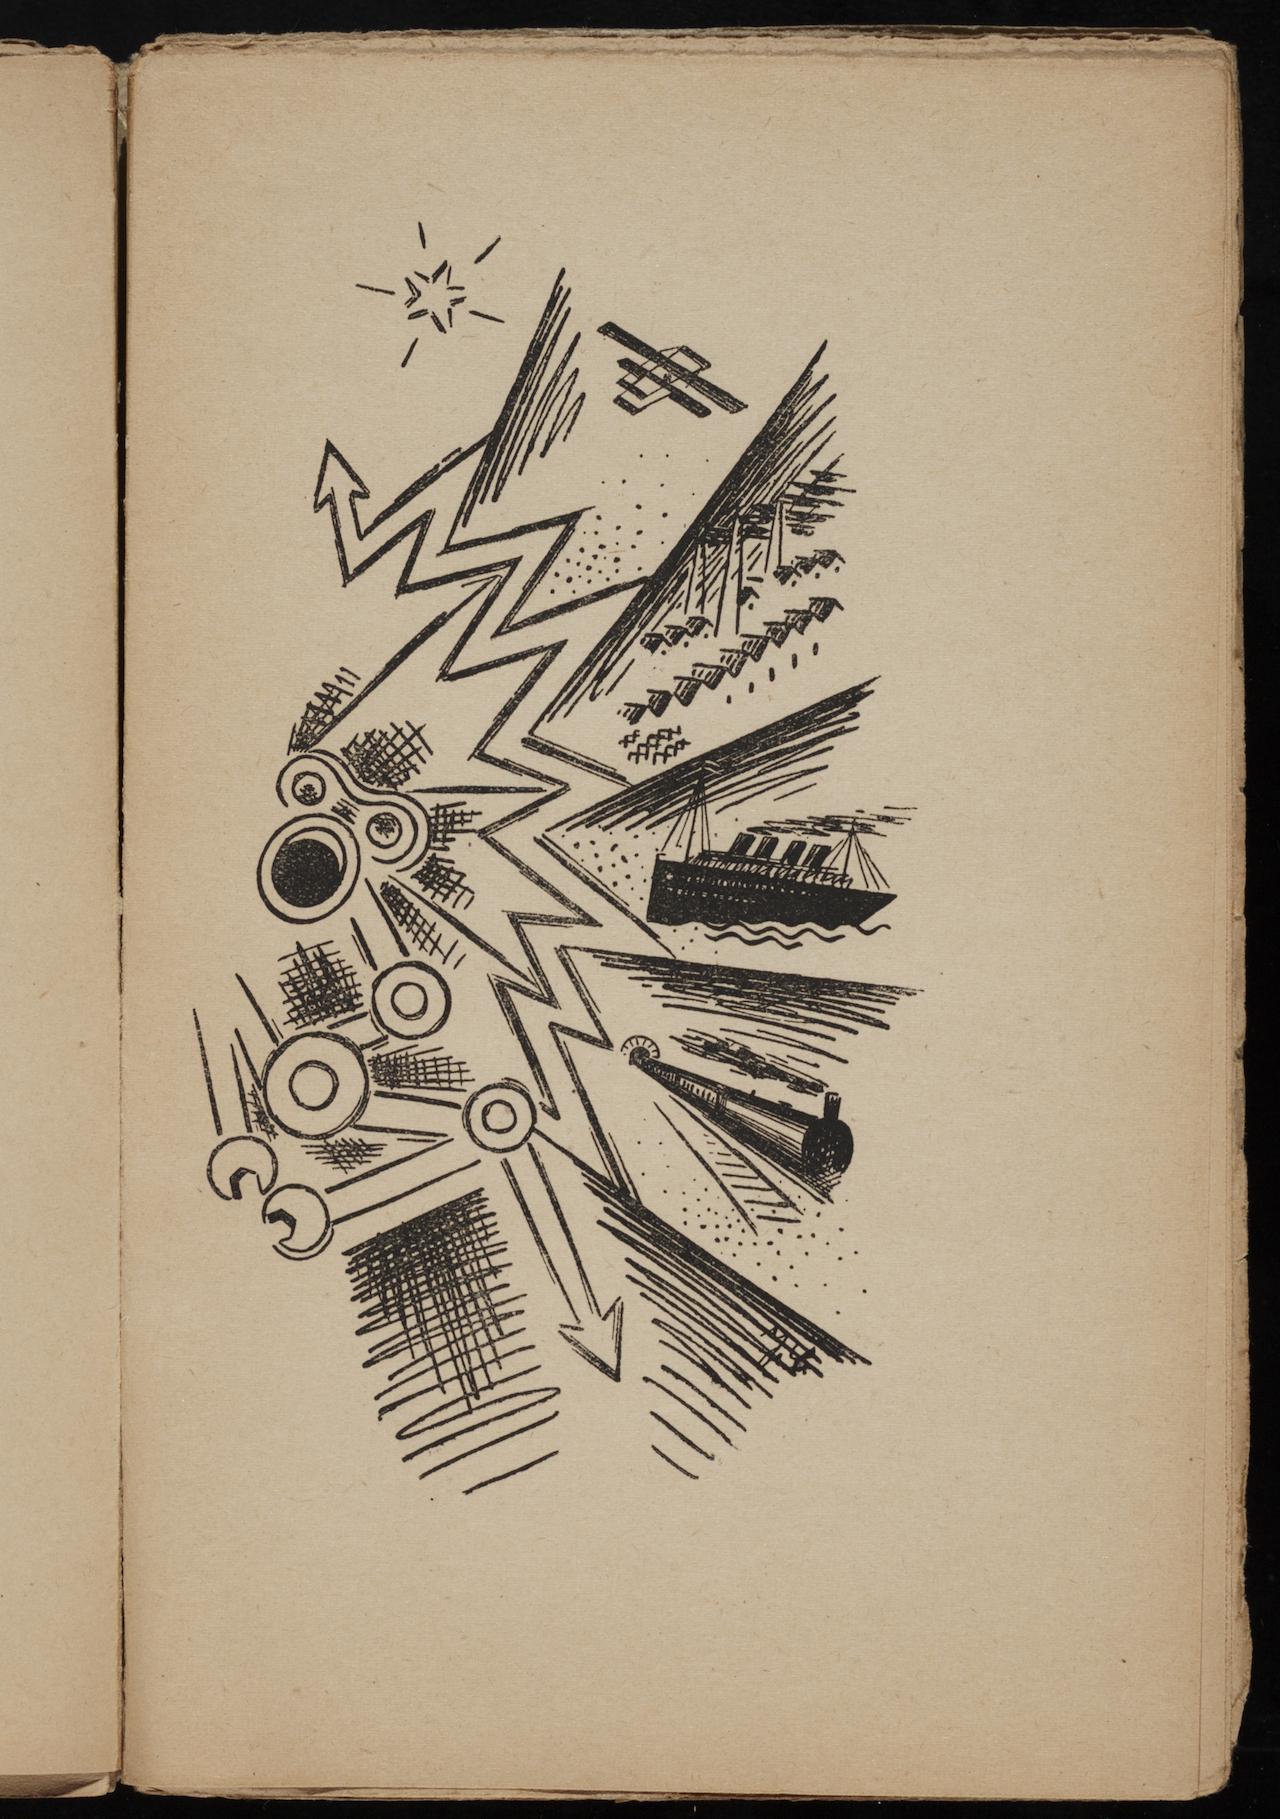 """Josef Čapek, illustration in """"Nové zpěvy : kniha lyrických průbojů"""" (1918) by Stanlislav . Neumann"""